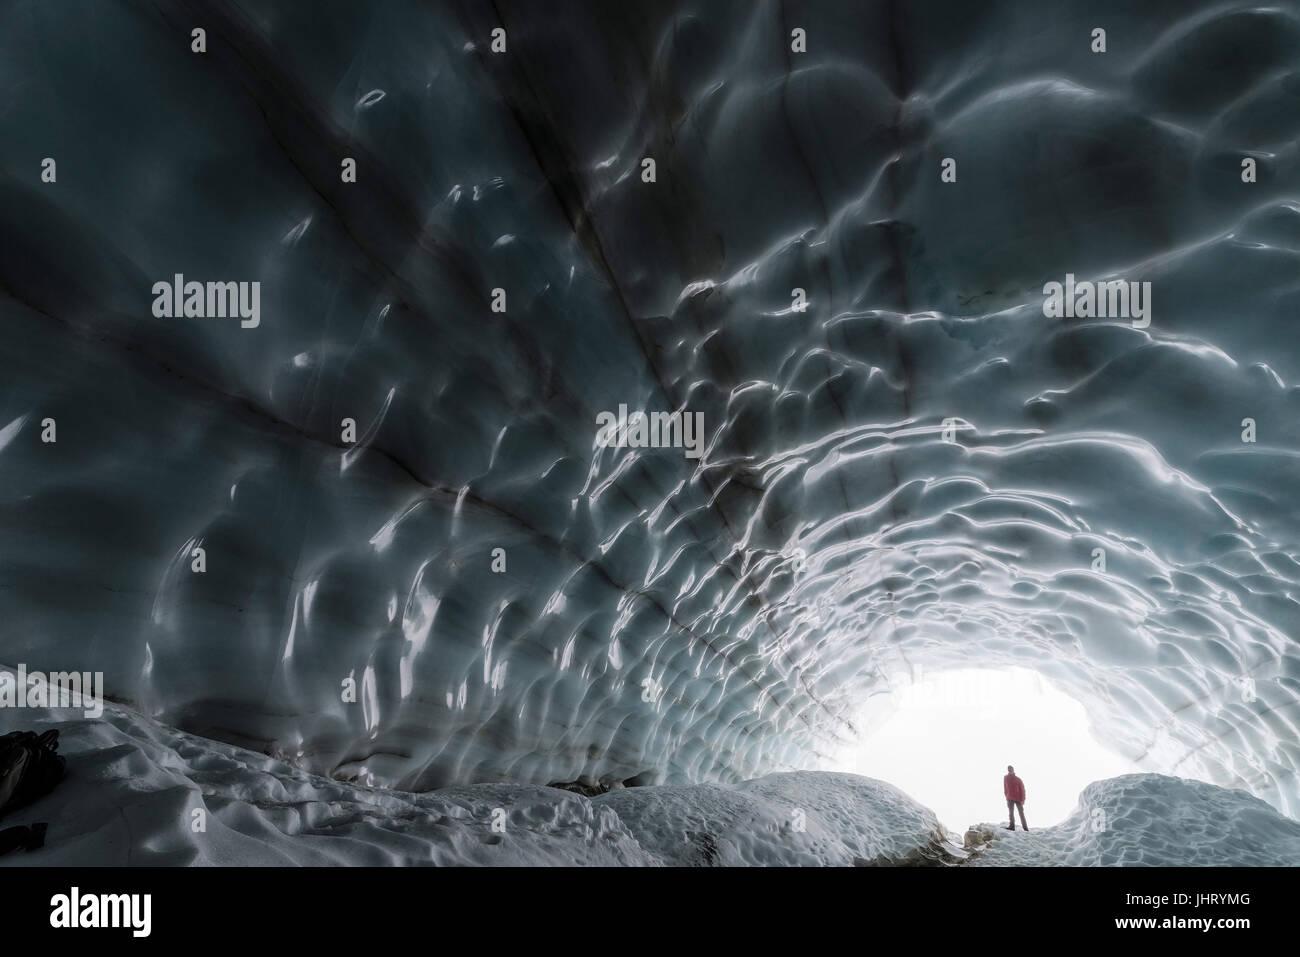 Mann in einer Eisgrotte, Gletscher im Tal, Tarfaladalen (Darfalavaggi), Kebnekaisefjaell Norrbotten, Lappland, Schweden, September, Mann in Einer Eisgr Stockfoto